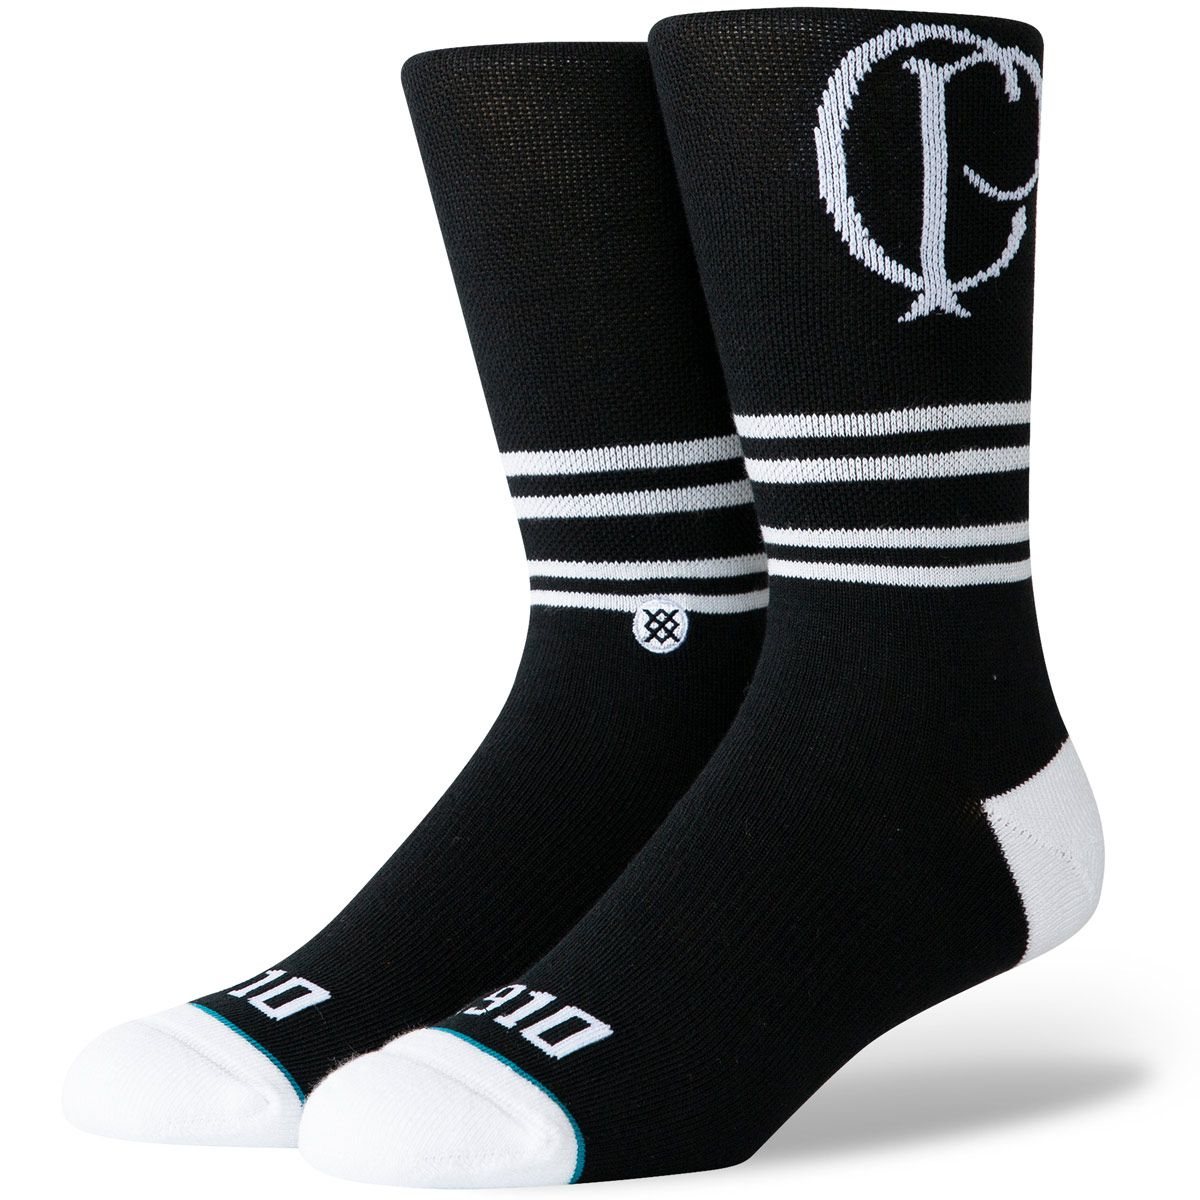 Meia Corinthians Stance Stripe